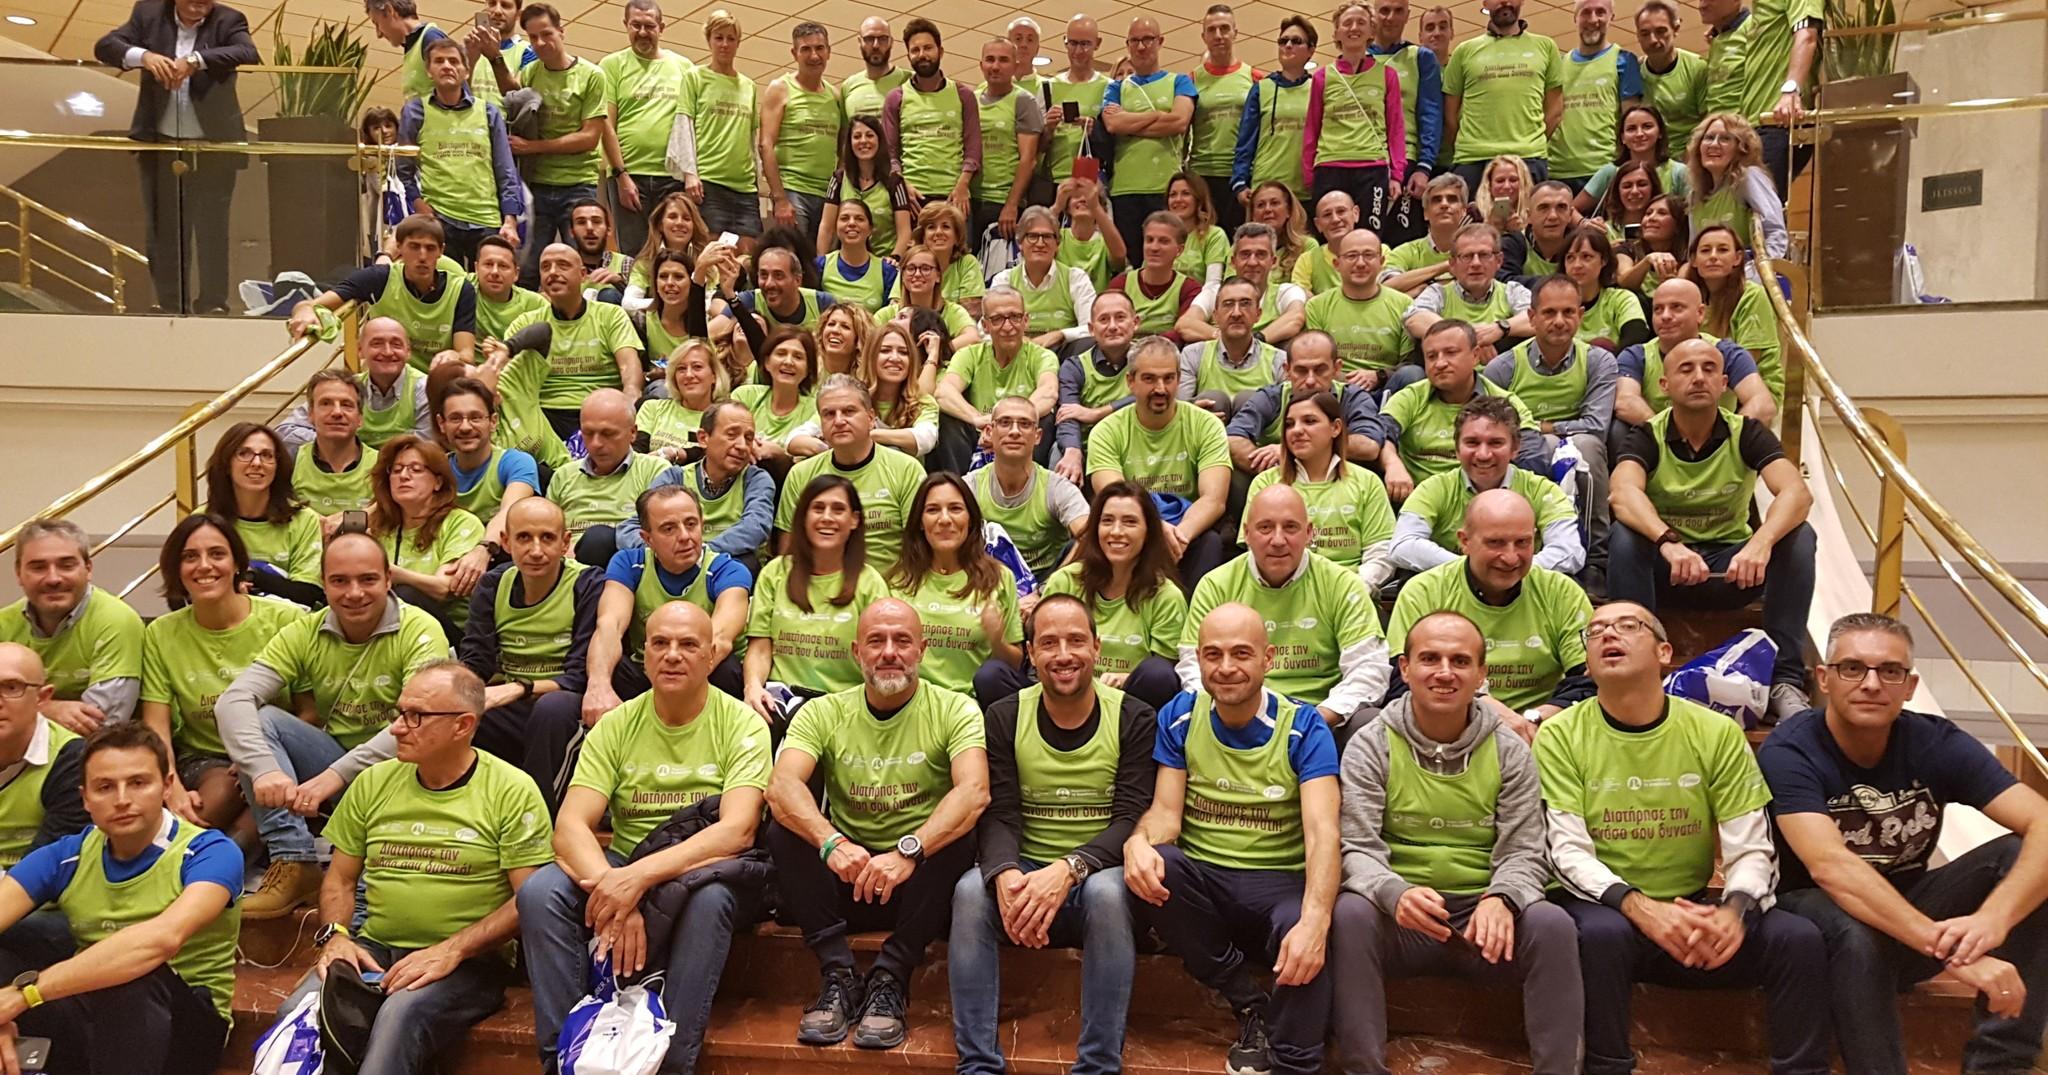 Pfizer Running Team per Dynamo Camp -Pfizer Running Team